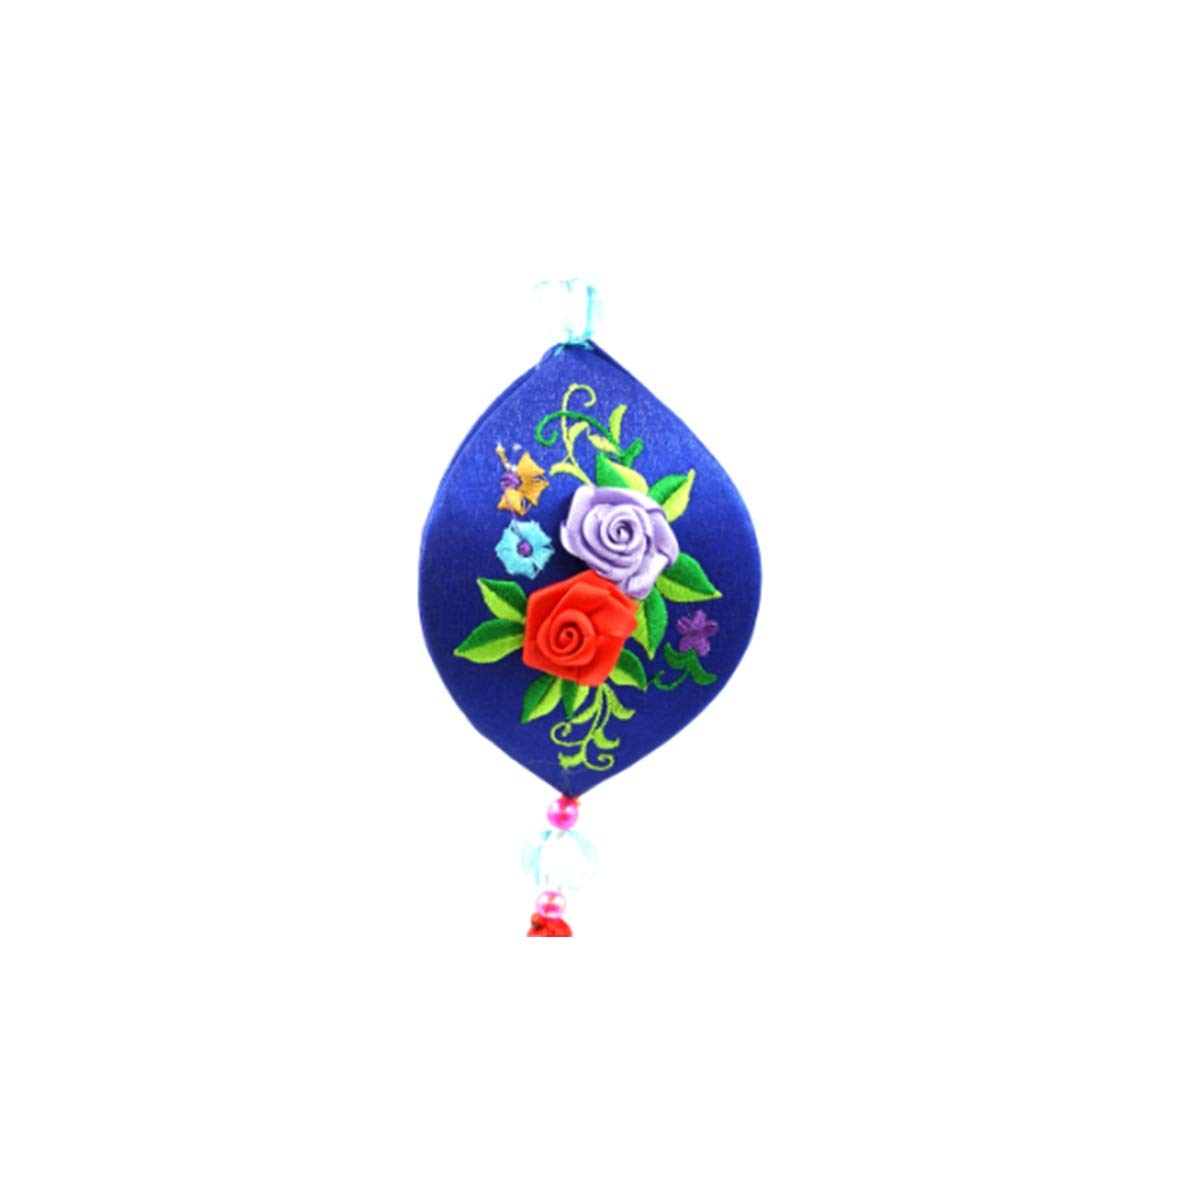 Yuxiong Sachets Handmade Living Room, Bedroom Pendants (Color : Blue) by Yuxiong (Image #1)